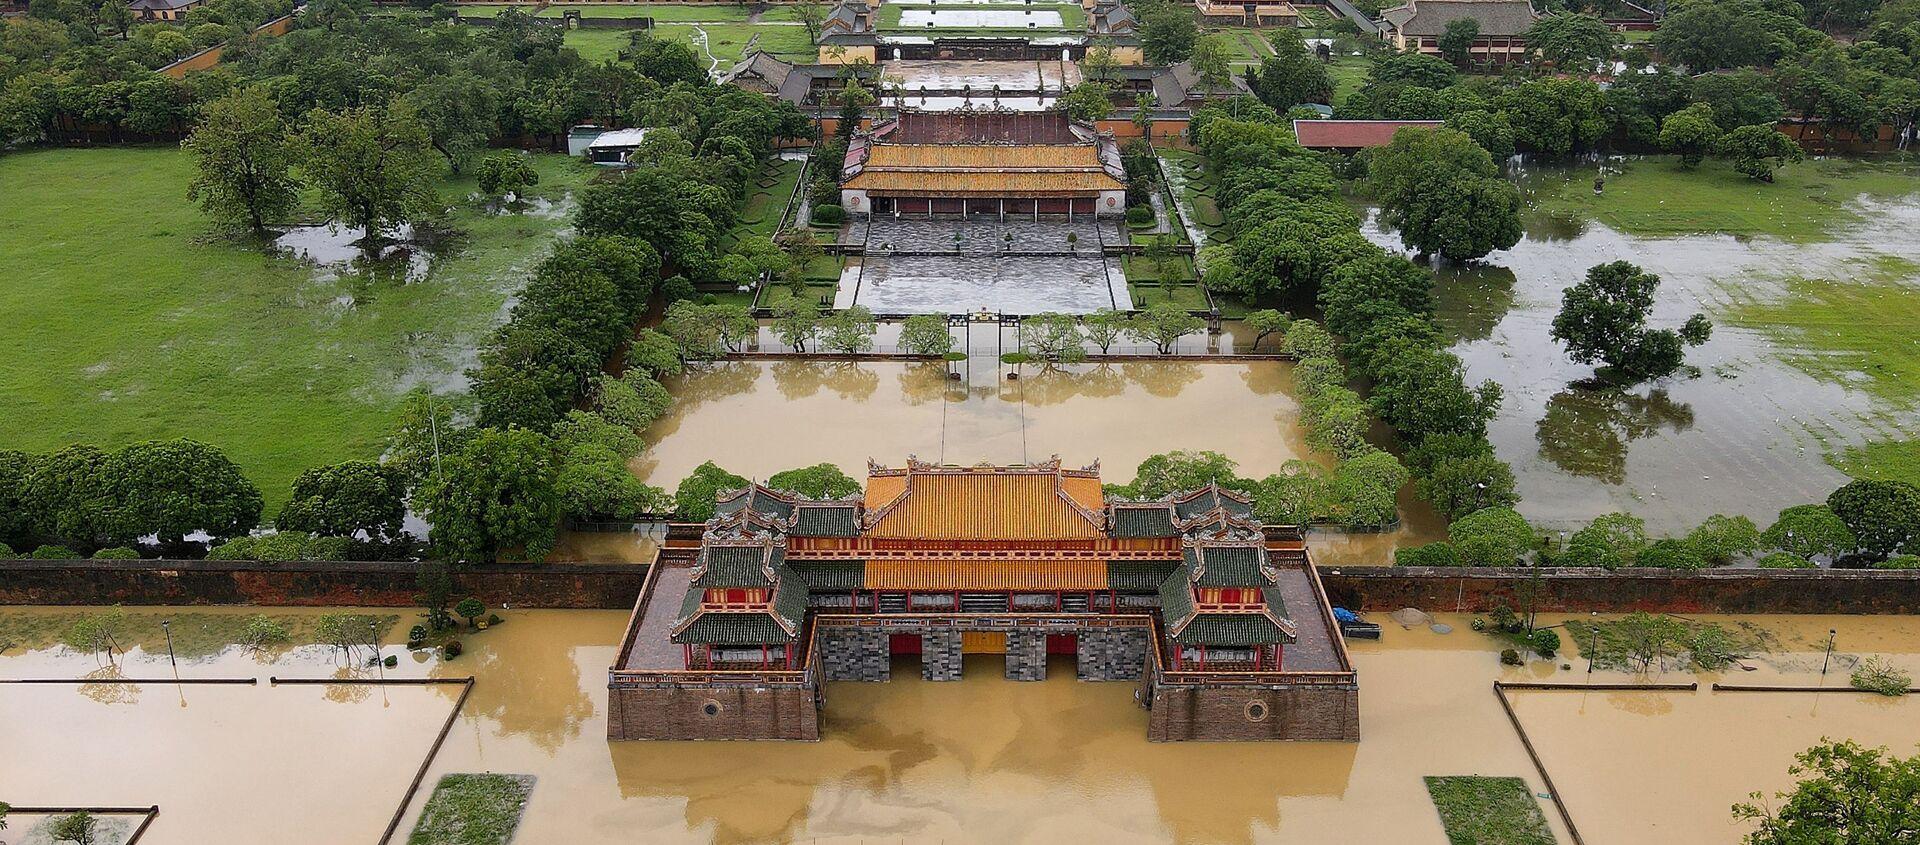 Cố đô Huế ngập trong lũ lụt do mưa lớn ở miền Trung Việt Nam - Sputnik Việt Nam, 1920, 26.12.2020